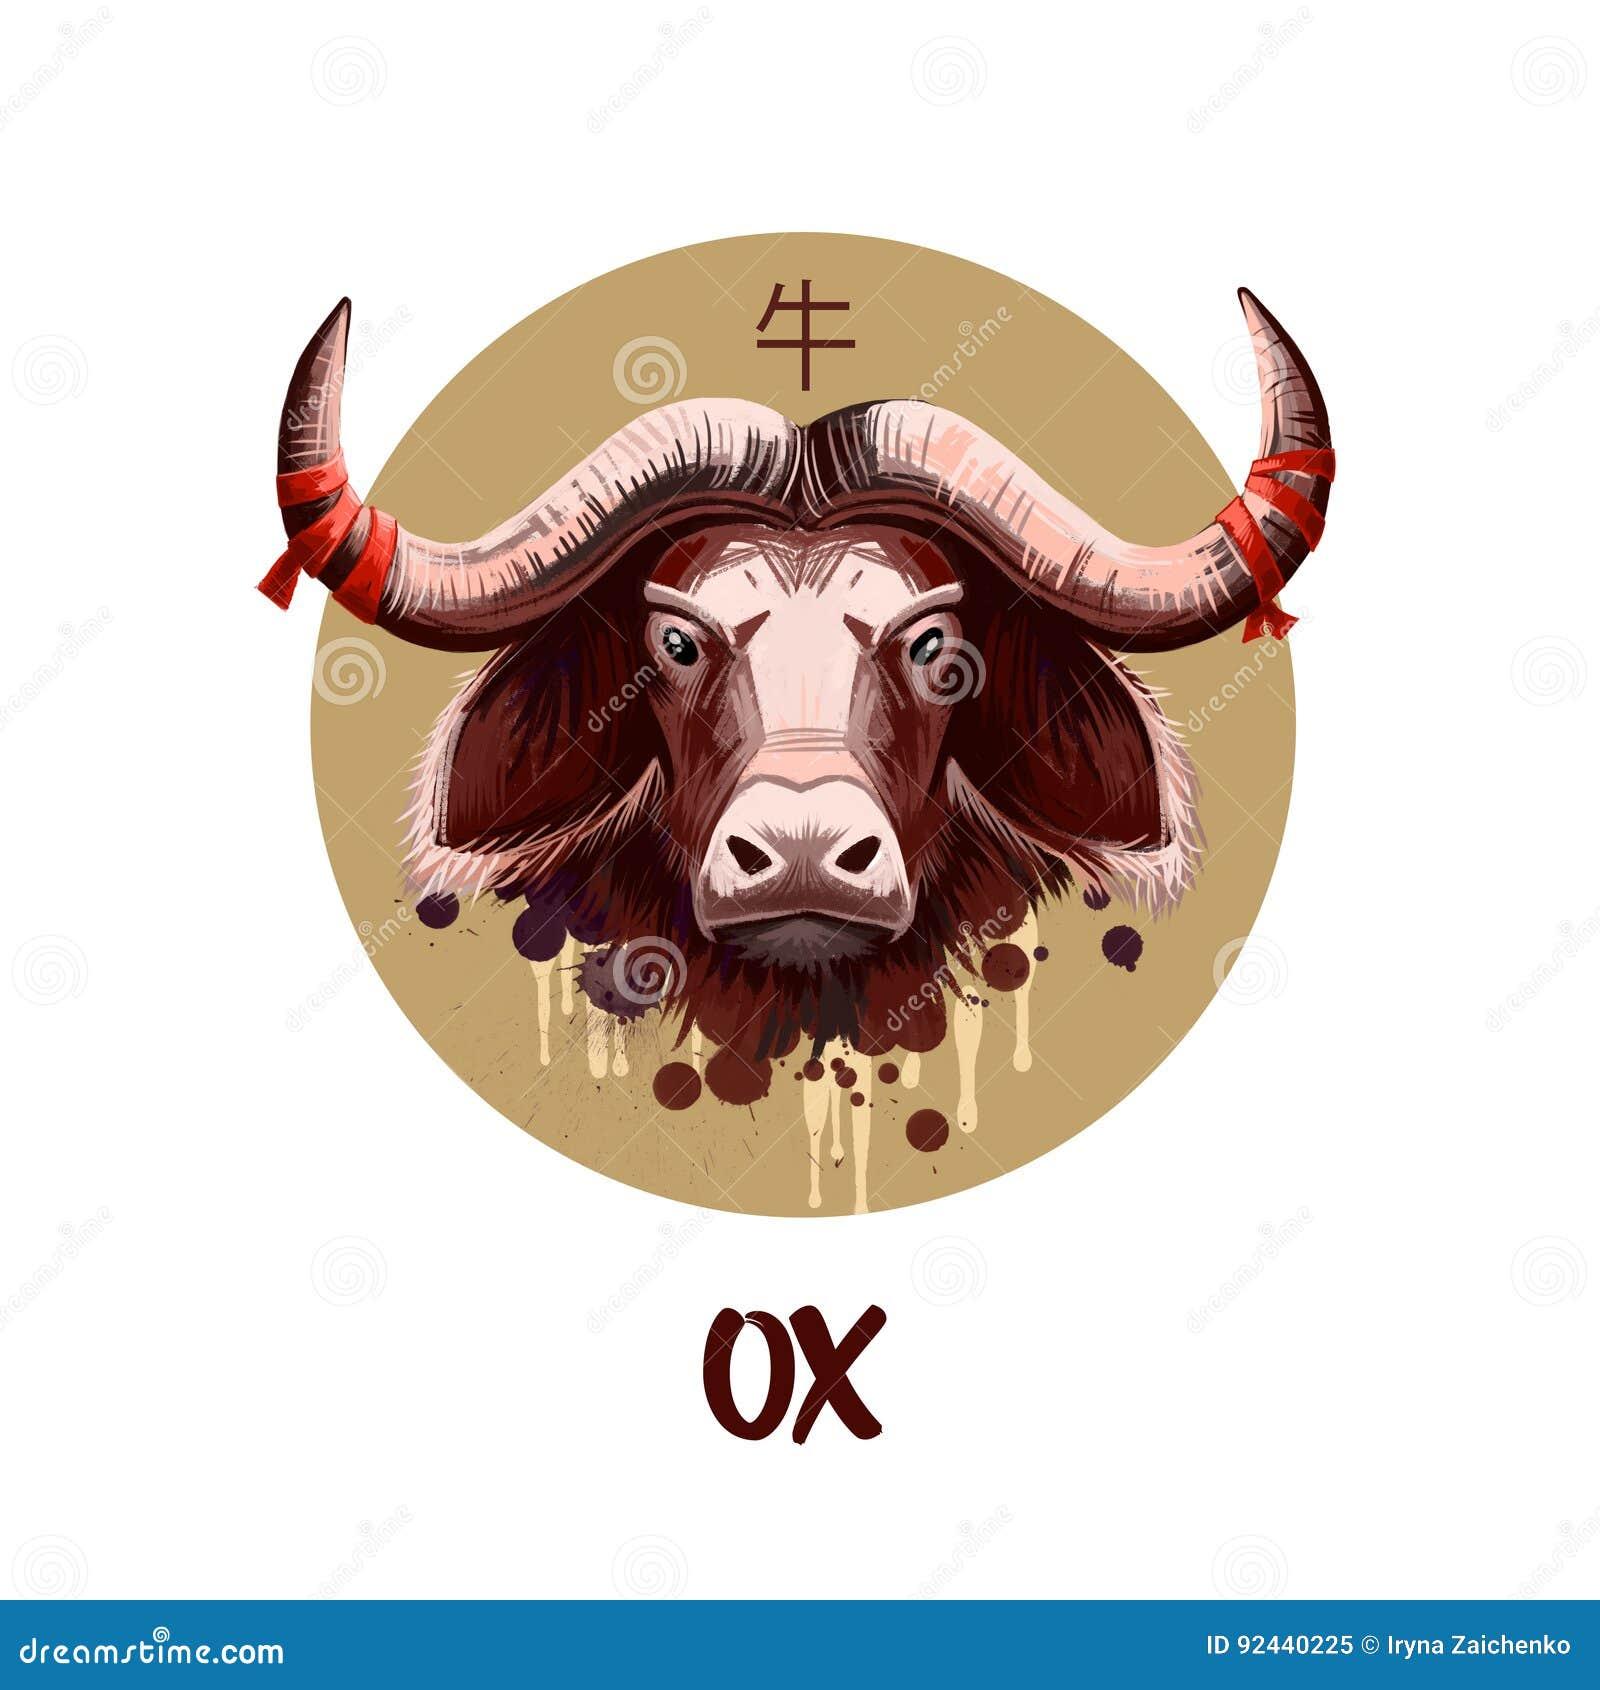 Ox Chinese Horoscope Character Isolated On White Background  Symbol